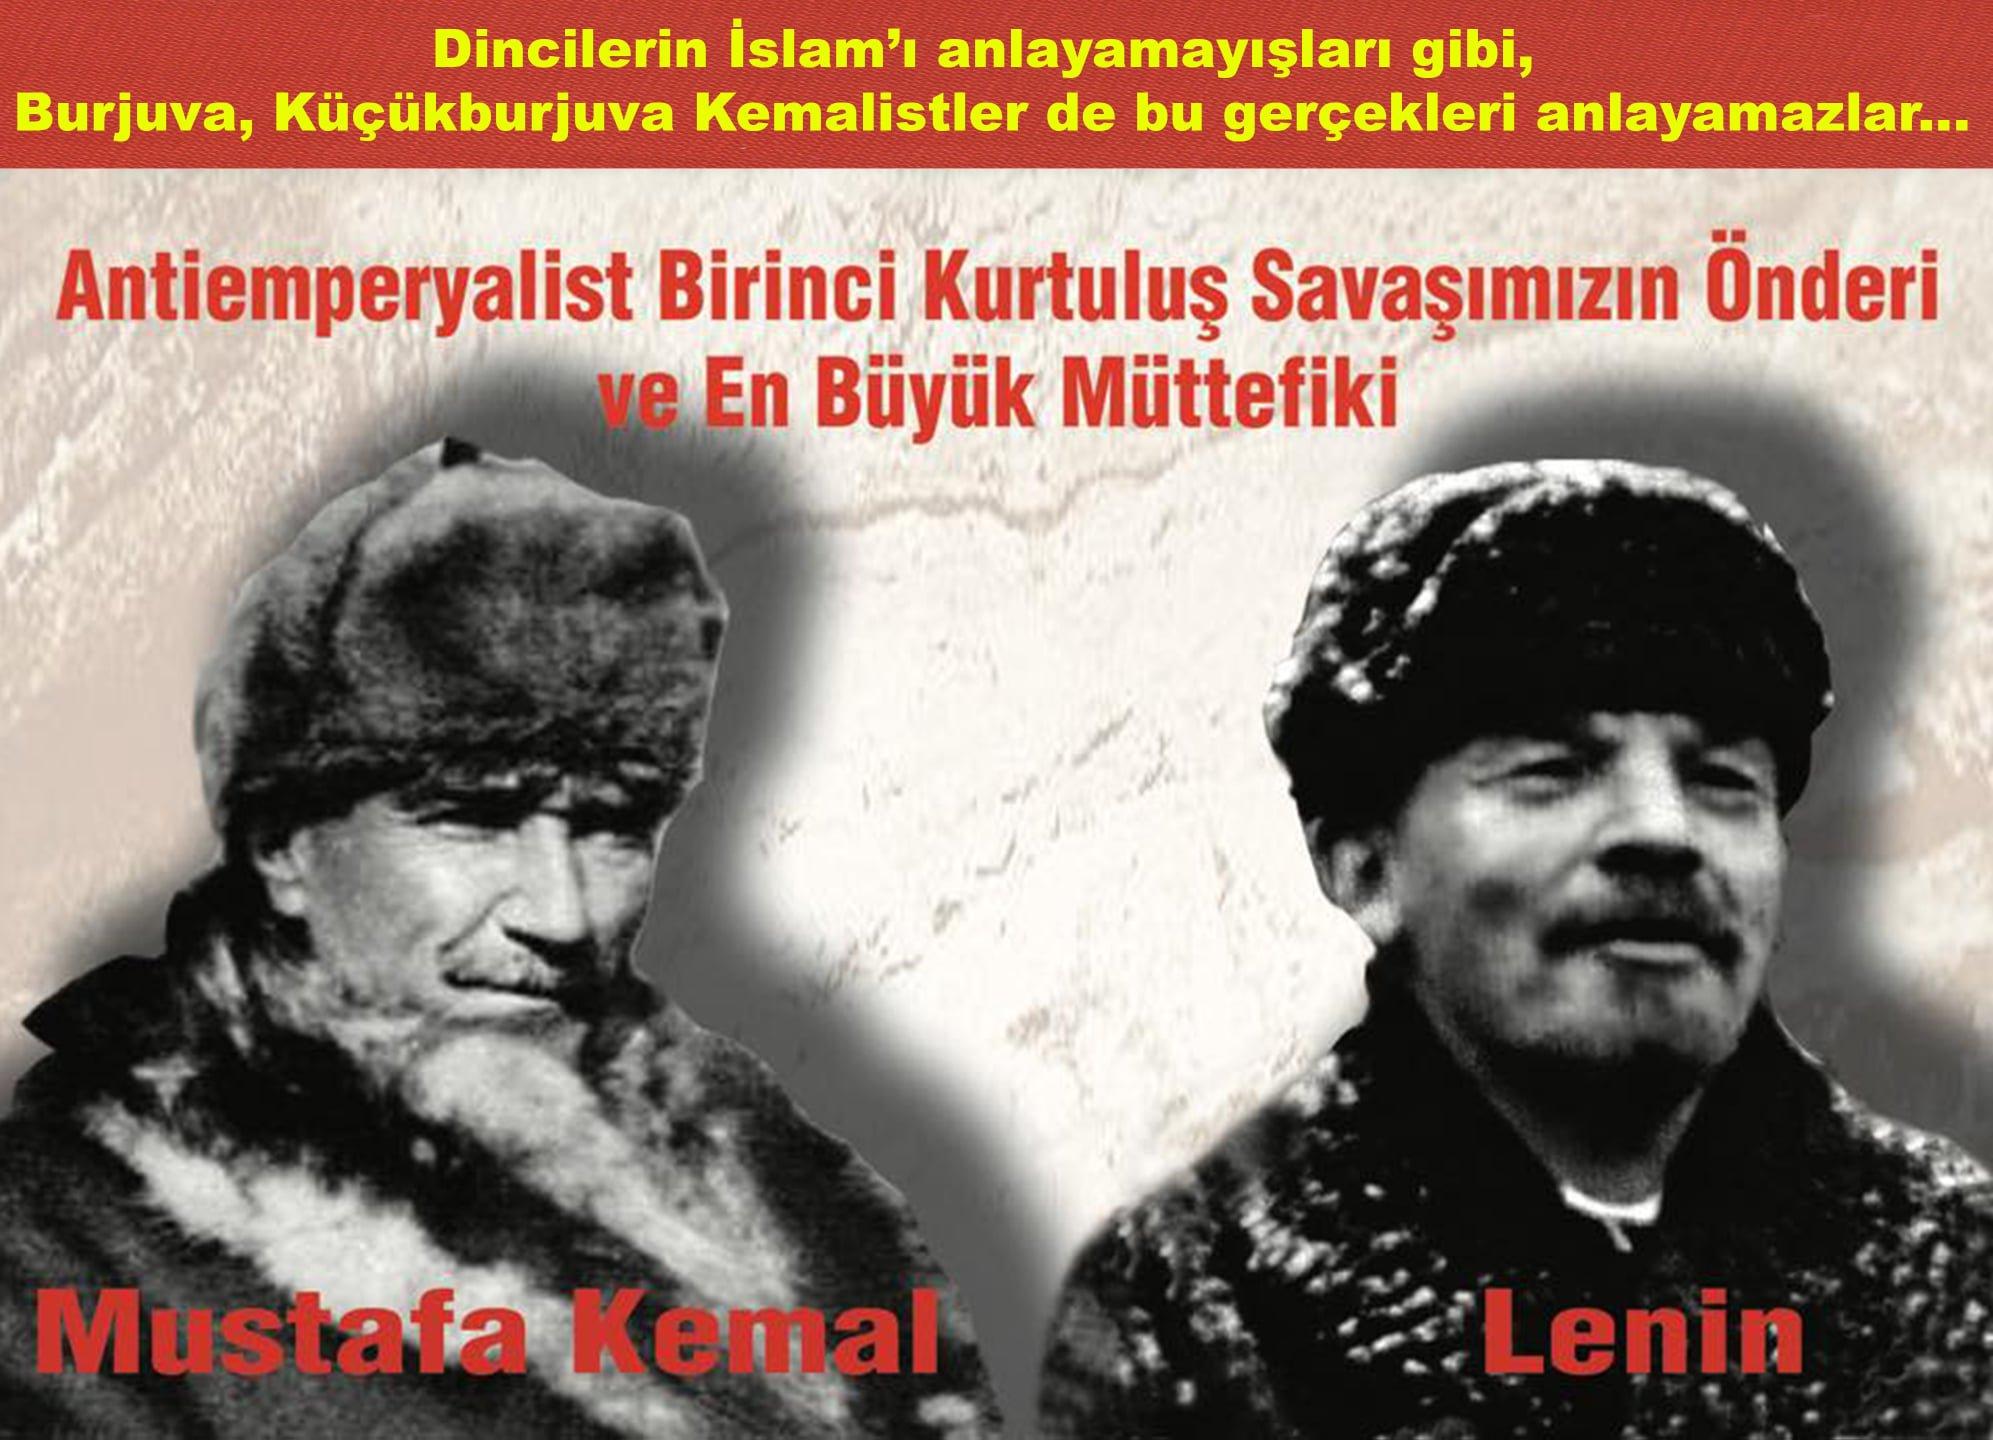 Πώς συνεργάστηκαν σοβιετική Ρωσία και κεμαλική Τουρκία